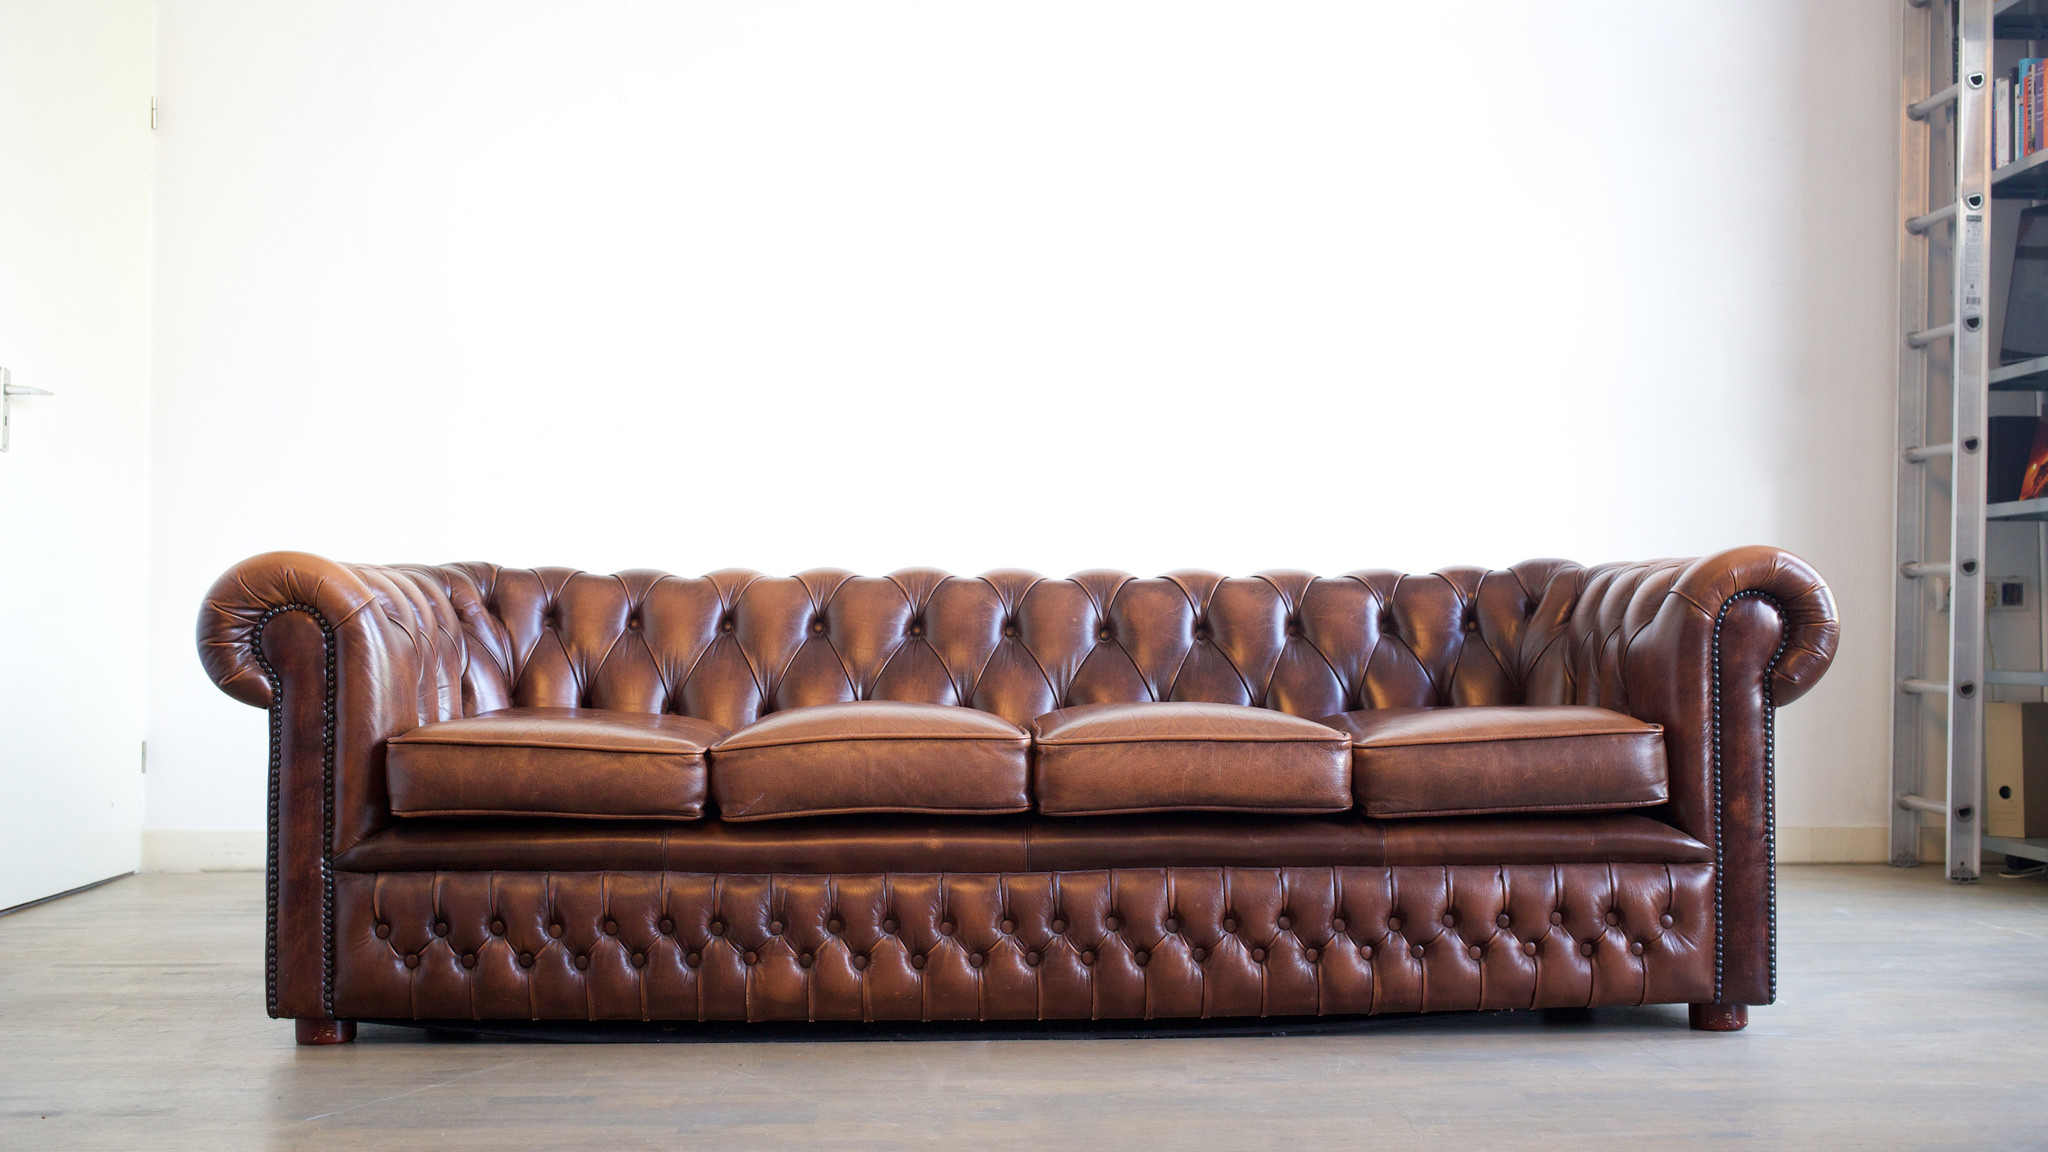 Chesterfield Sofa - der englische Klassiker | Der Sofa-Berater.de